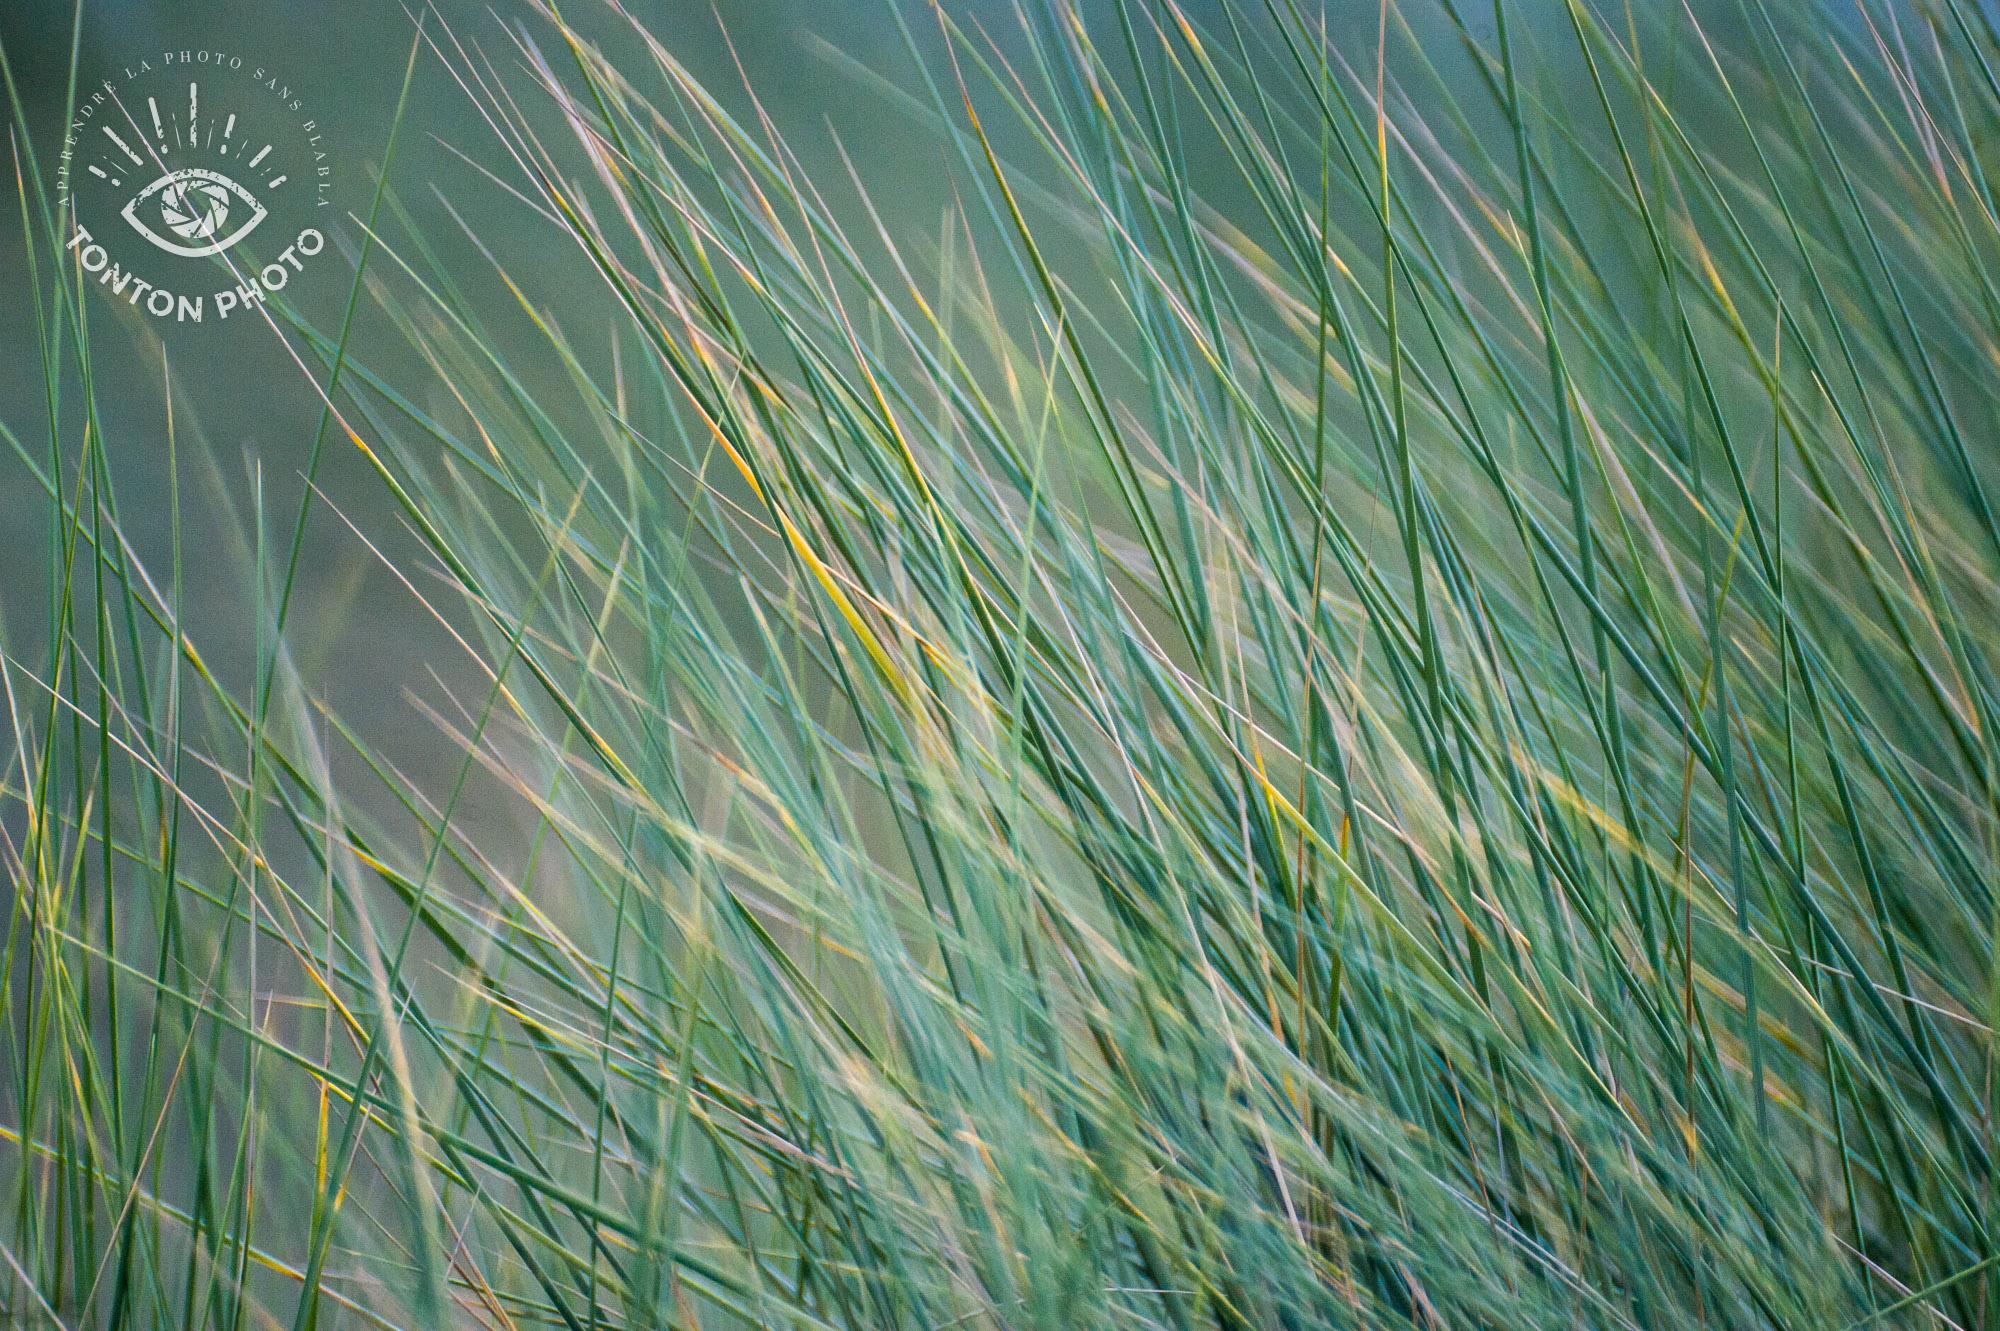 Herbes folles sur la plage photographiées avec le télé-objectif Samyang 500mm f/6.3 MC IF © Tonton Photo